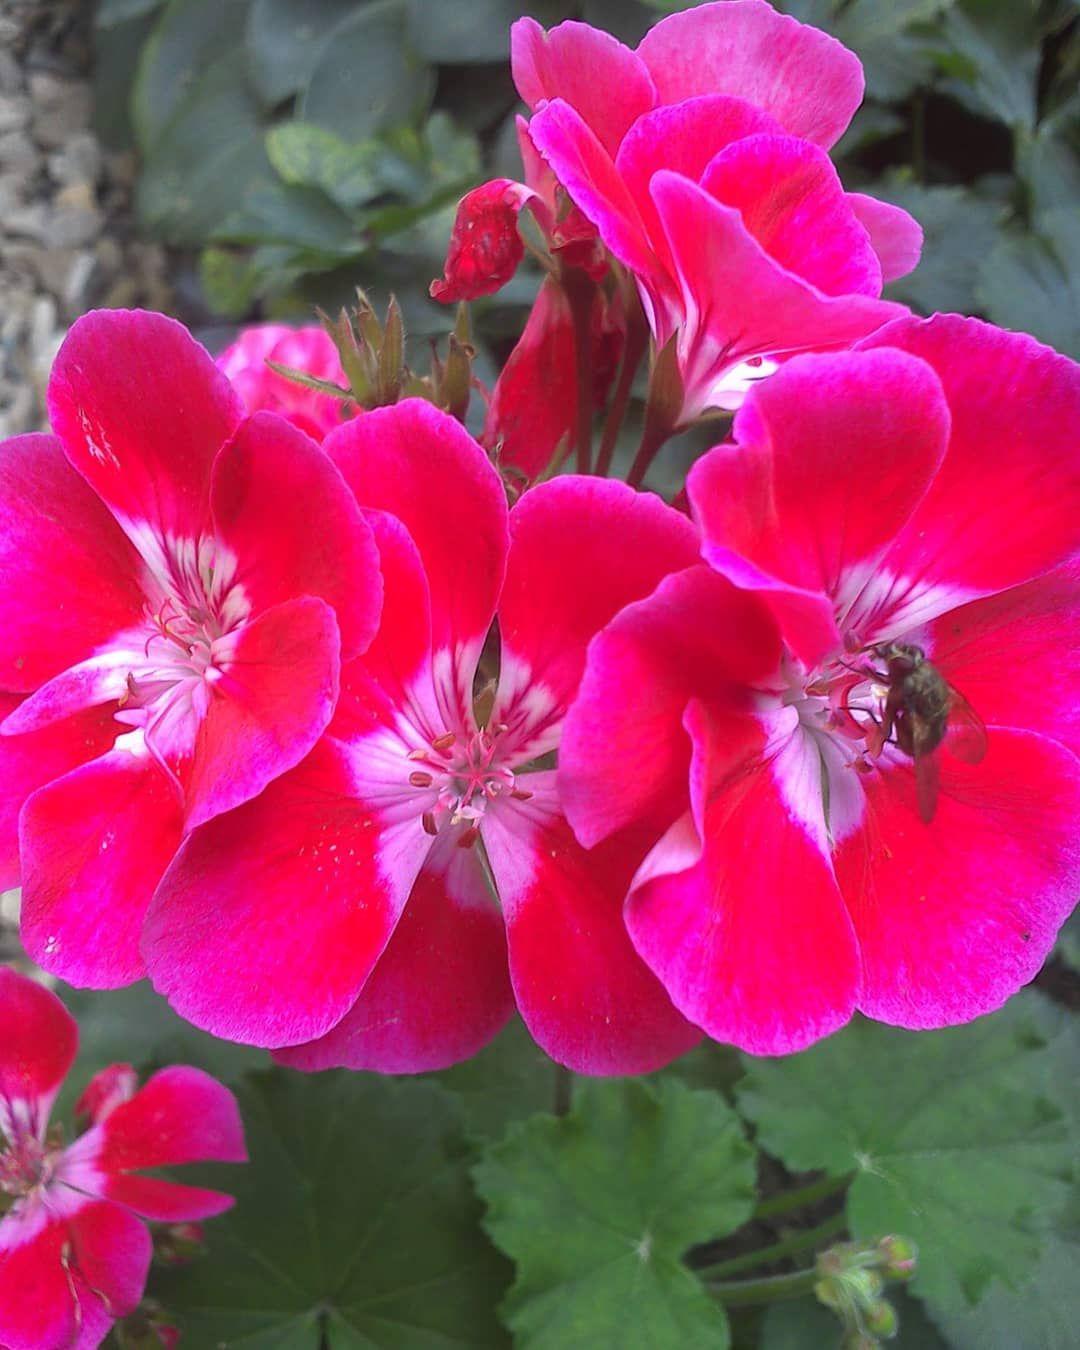 Pelargonia Flower Flowers Poland World Mojogrod Mojogrod Kwiat Garden Przyroda Fleur Kwiaty Pelargonia Plants Garden